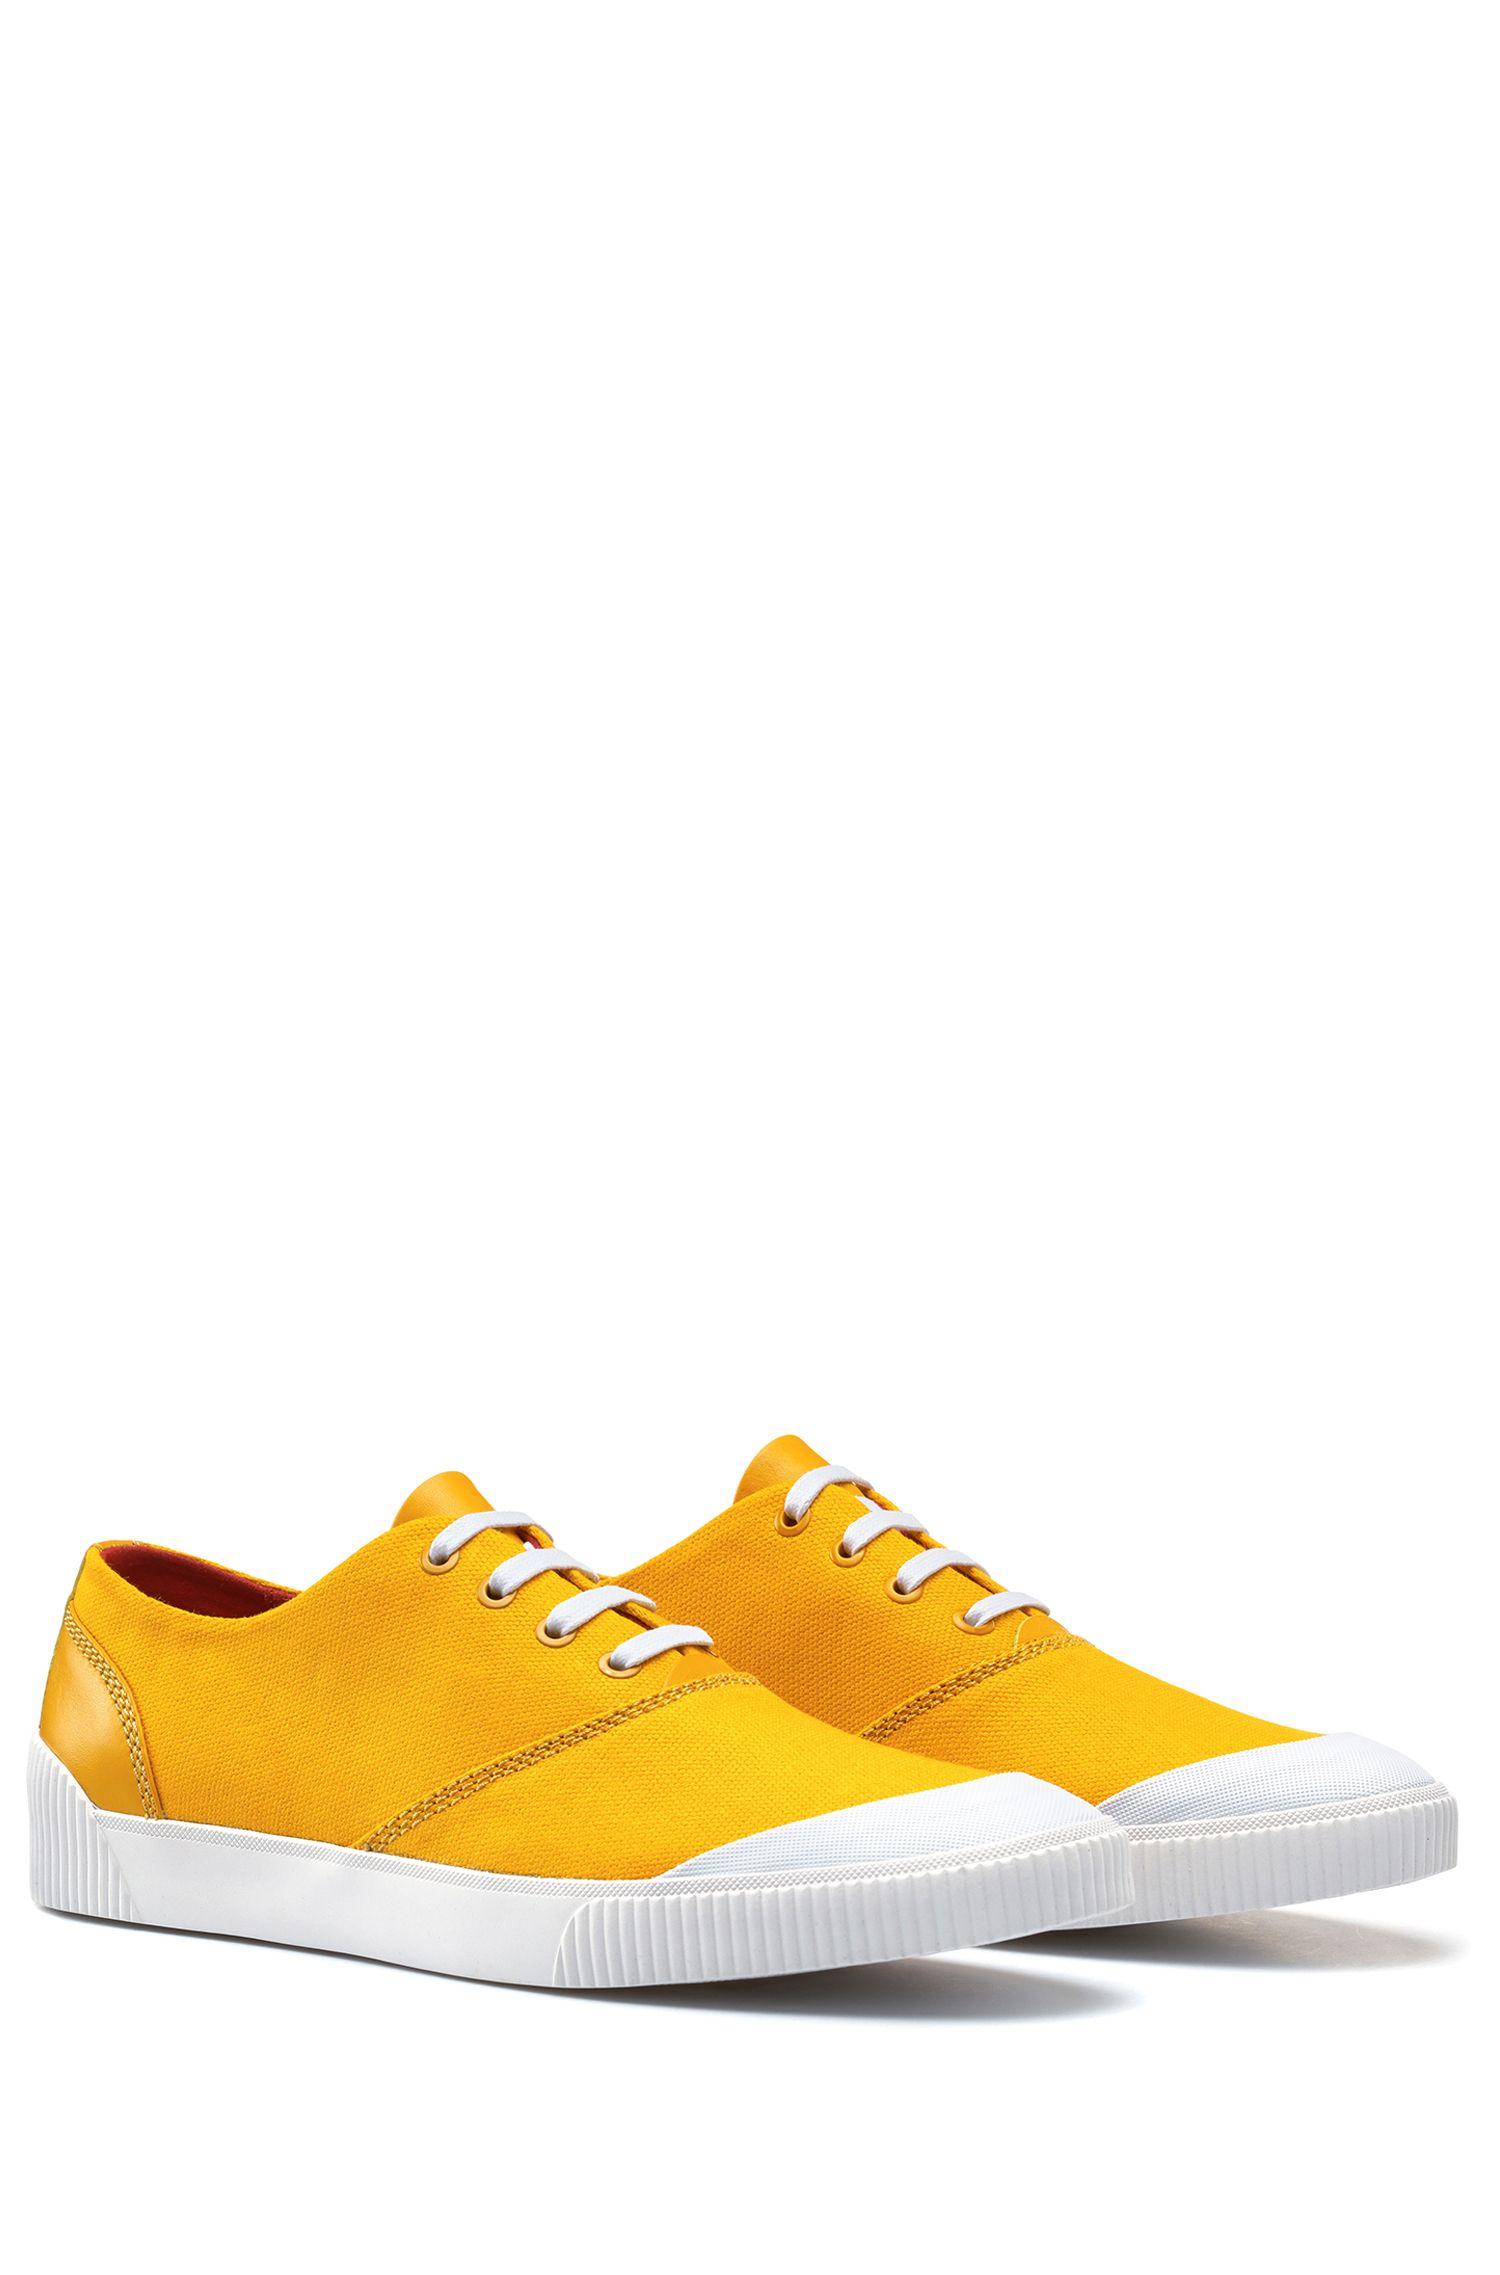 Tennisschoenen van technisch materiaal met vetersluiting